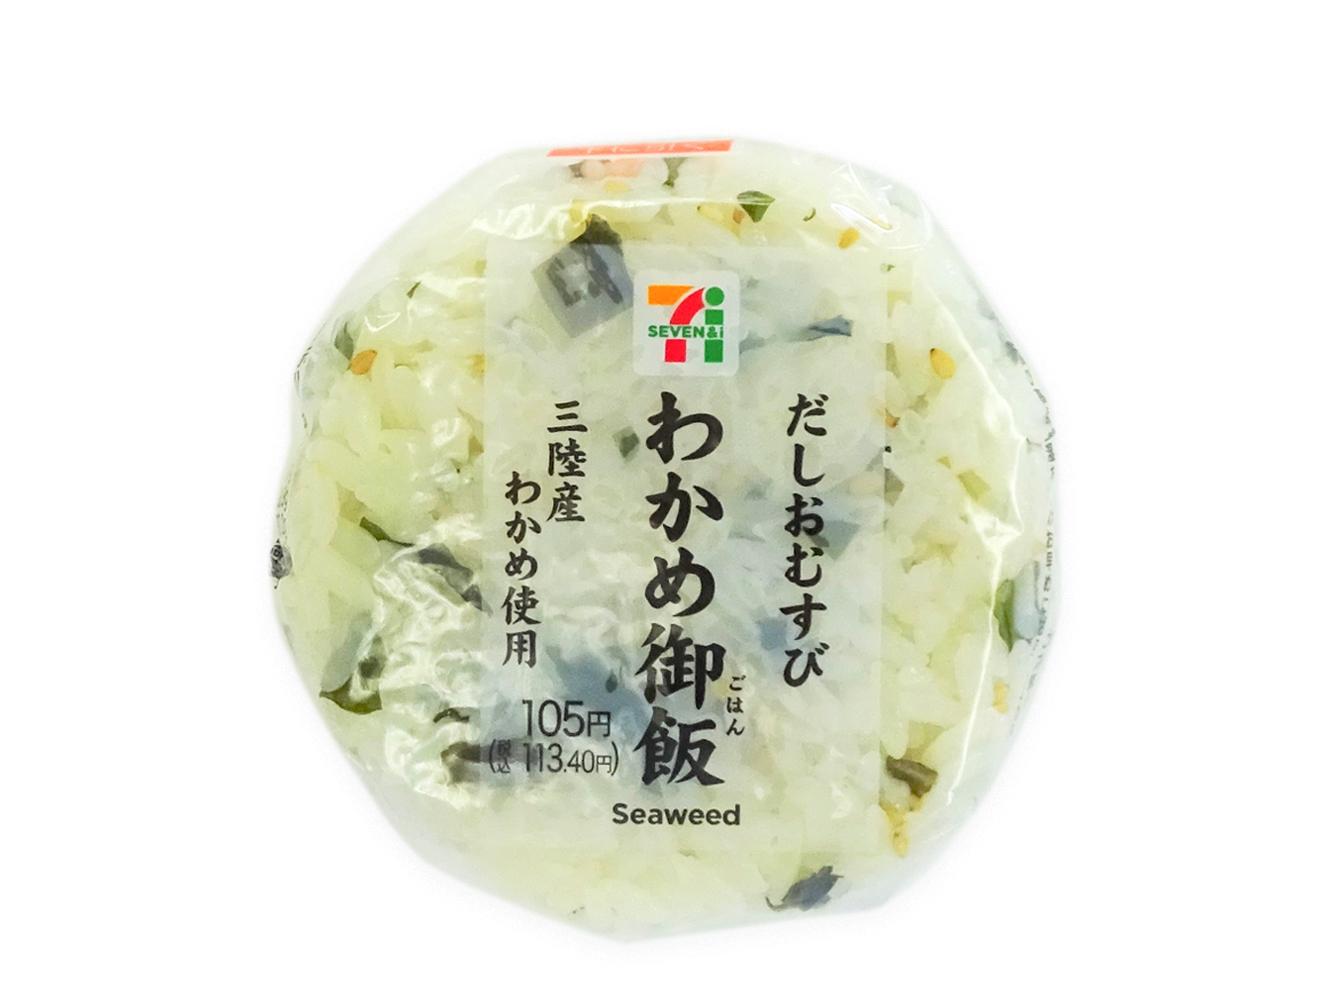 わかめ御飯おむすび(三陸産わかめ使用)